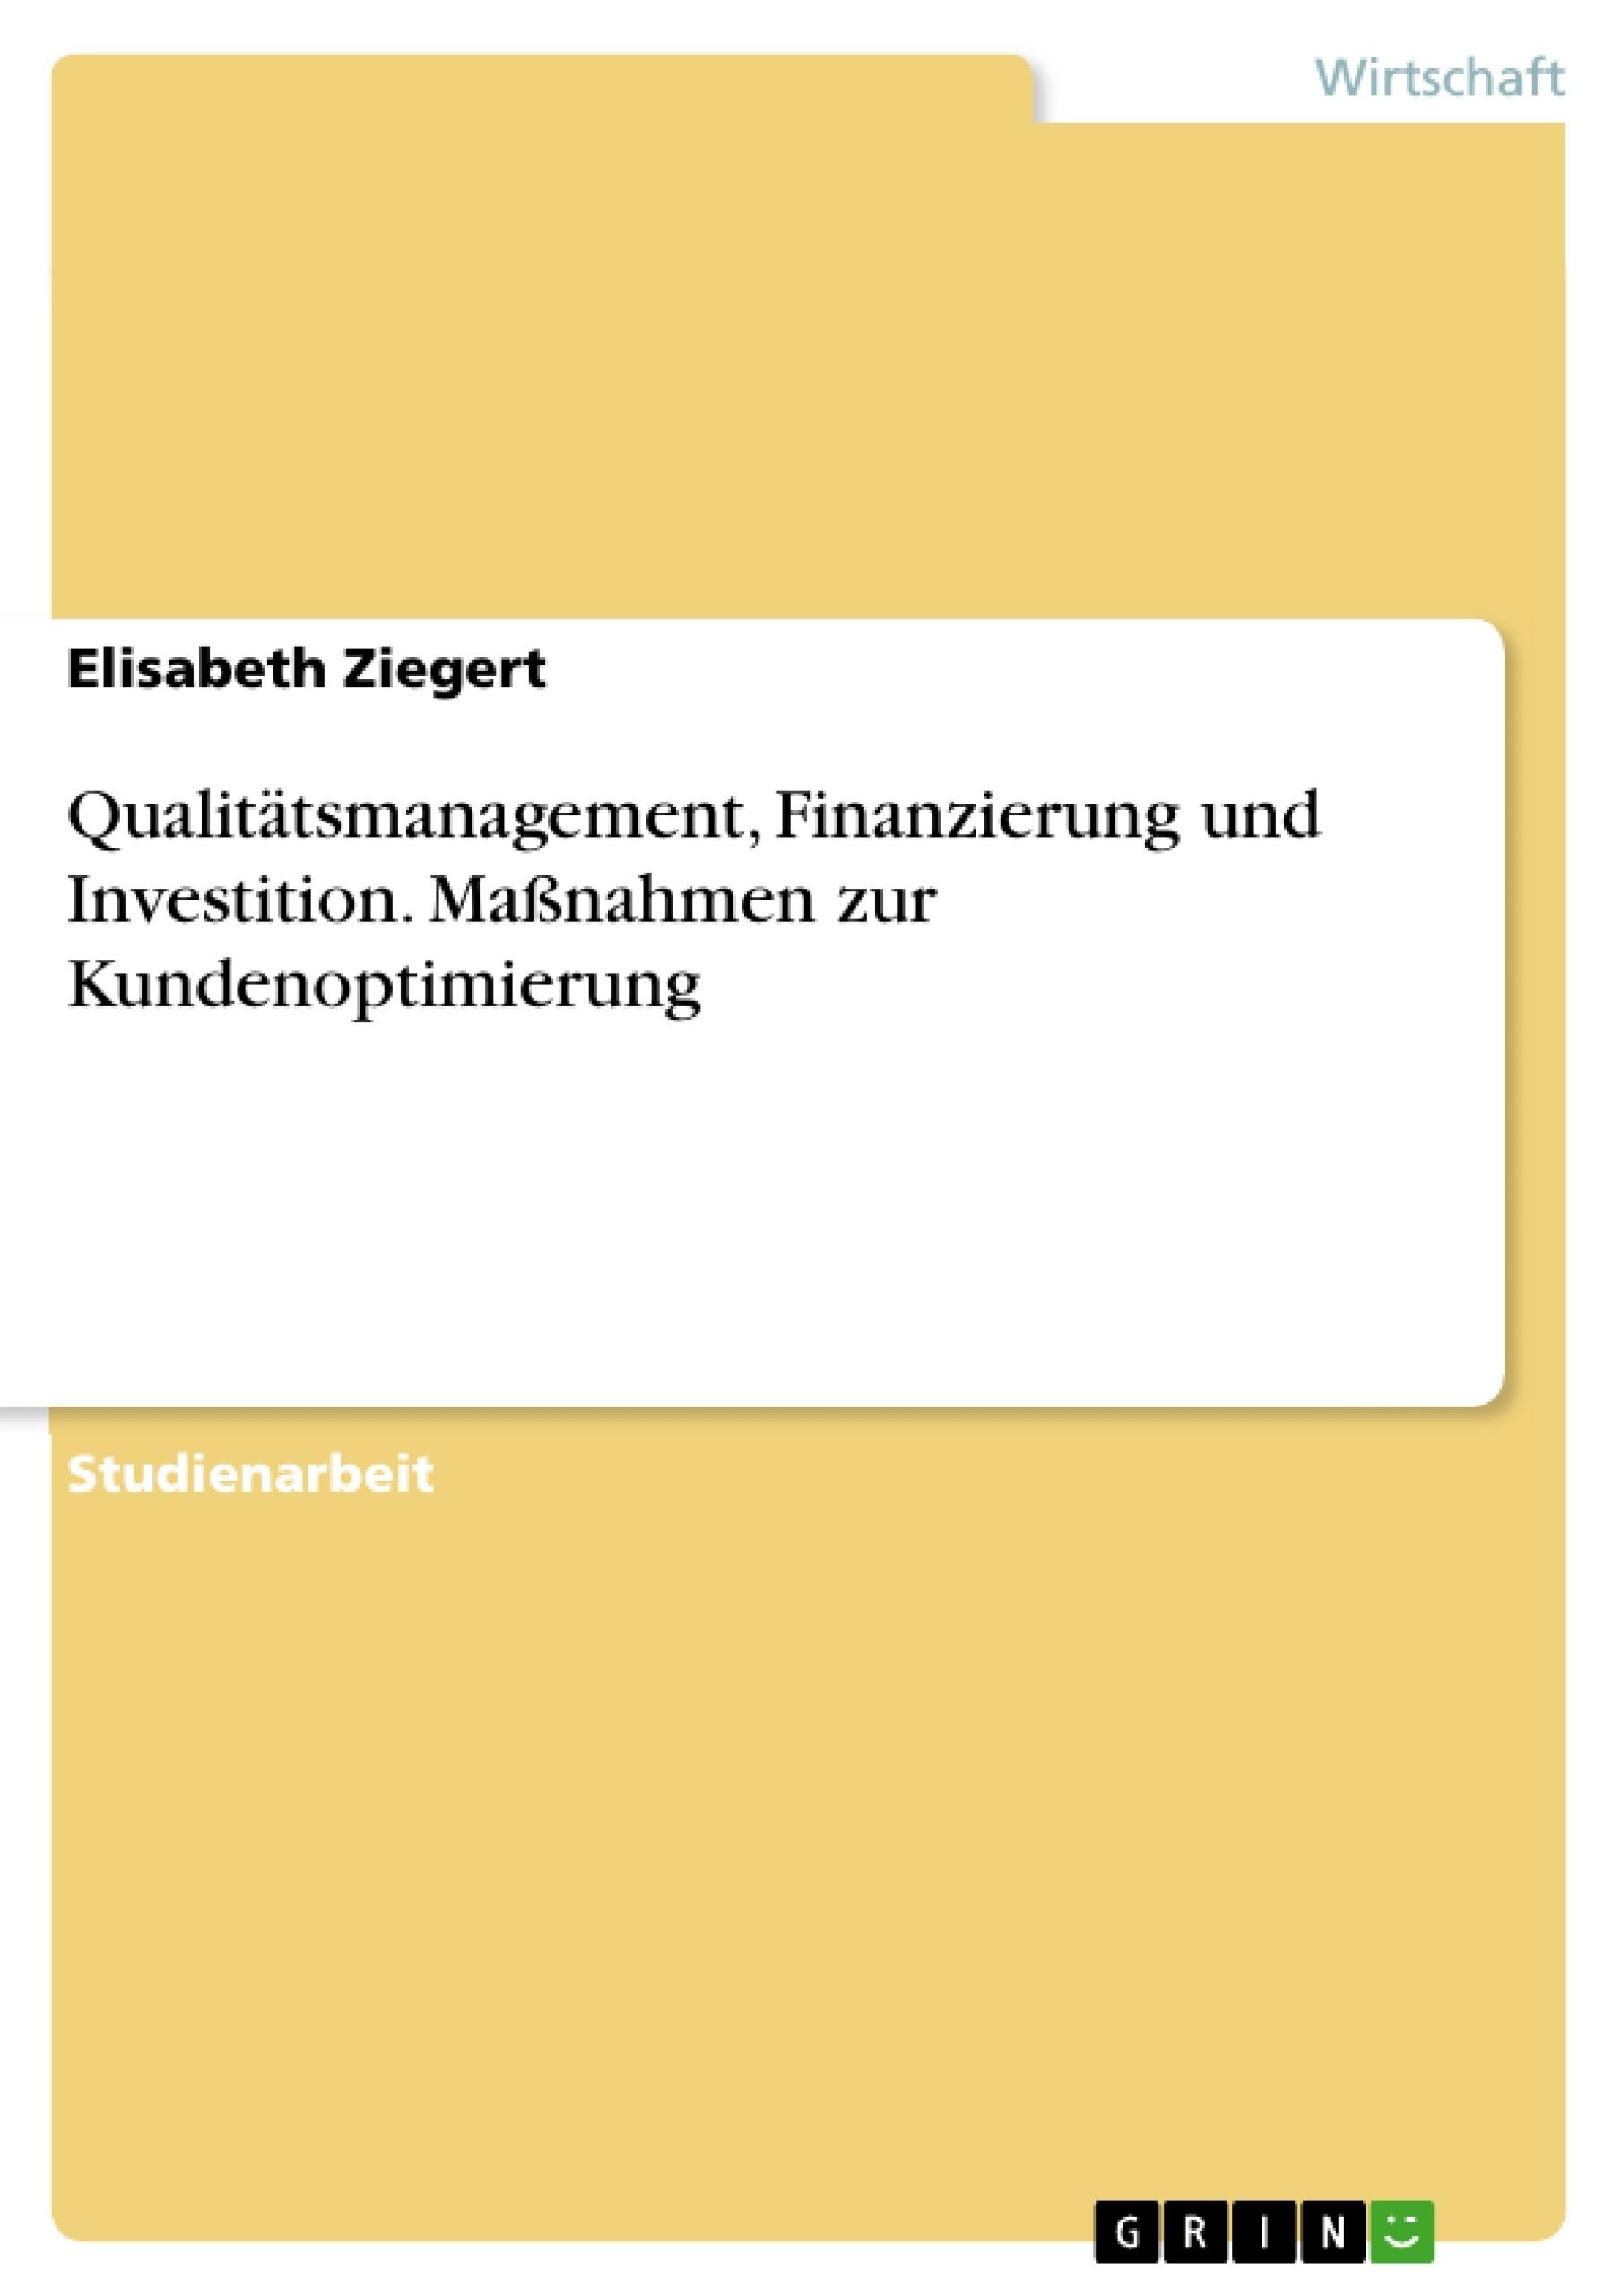 Titel: Qualitätsmanagement, Finanzierung und Investition. Maßnahmen zur Kundenoptimierung